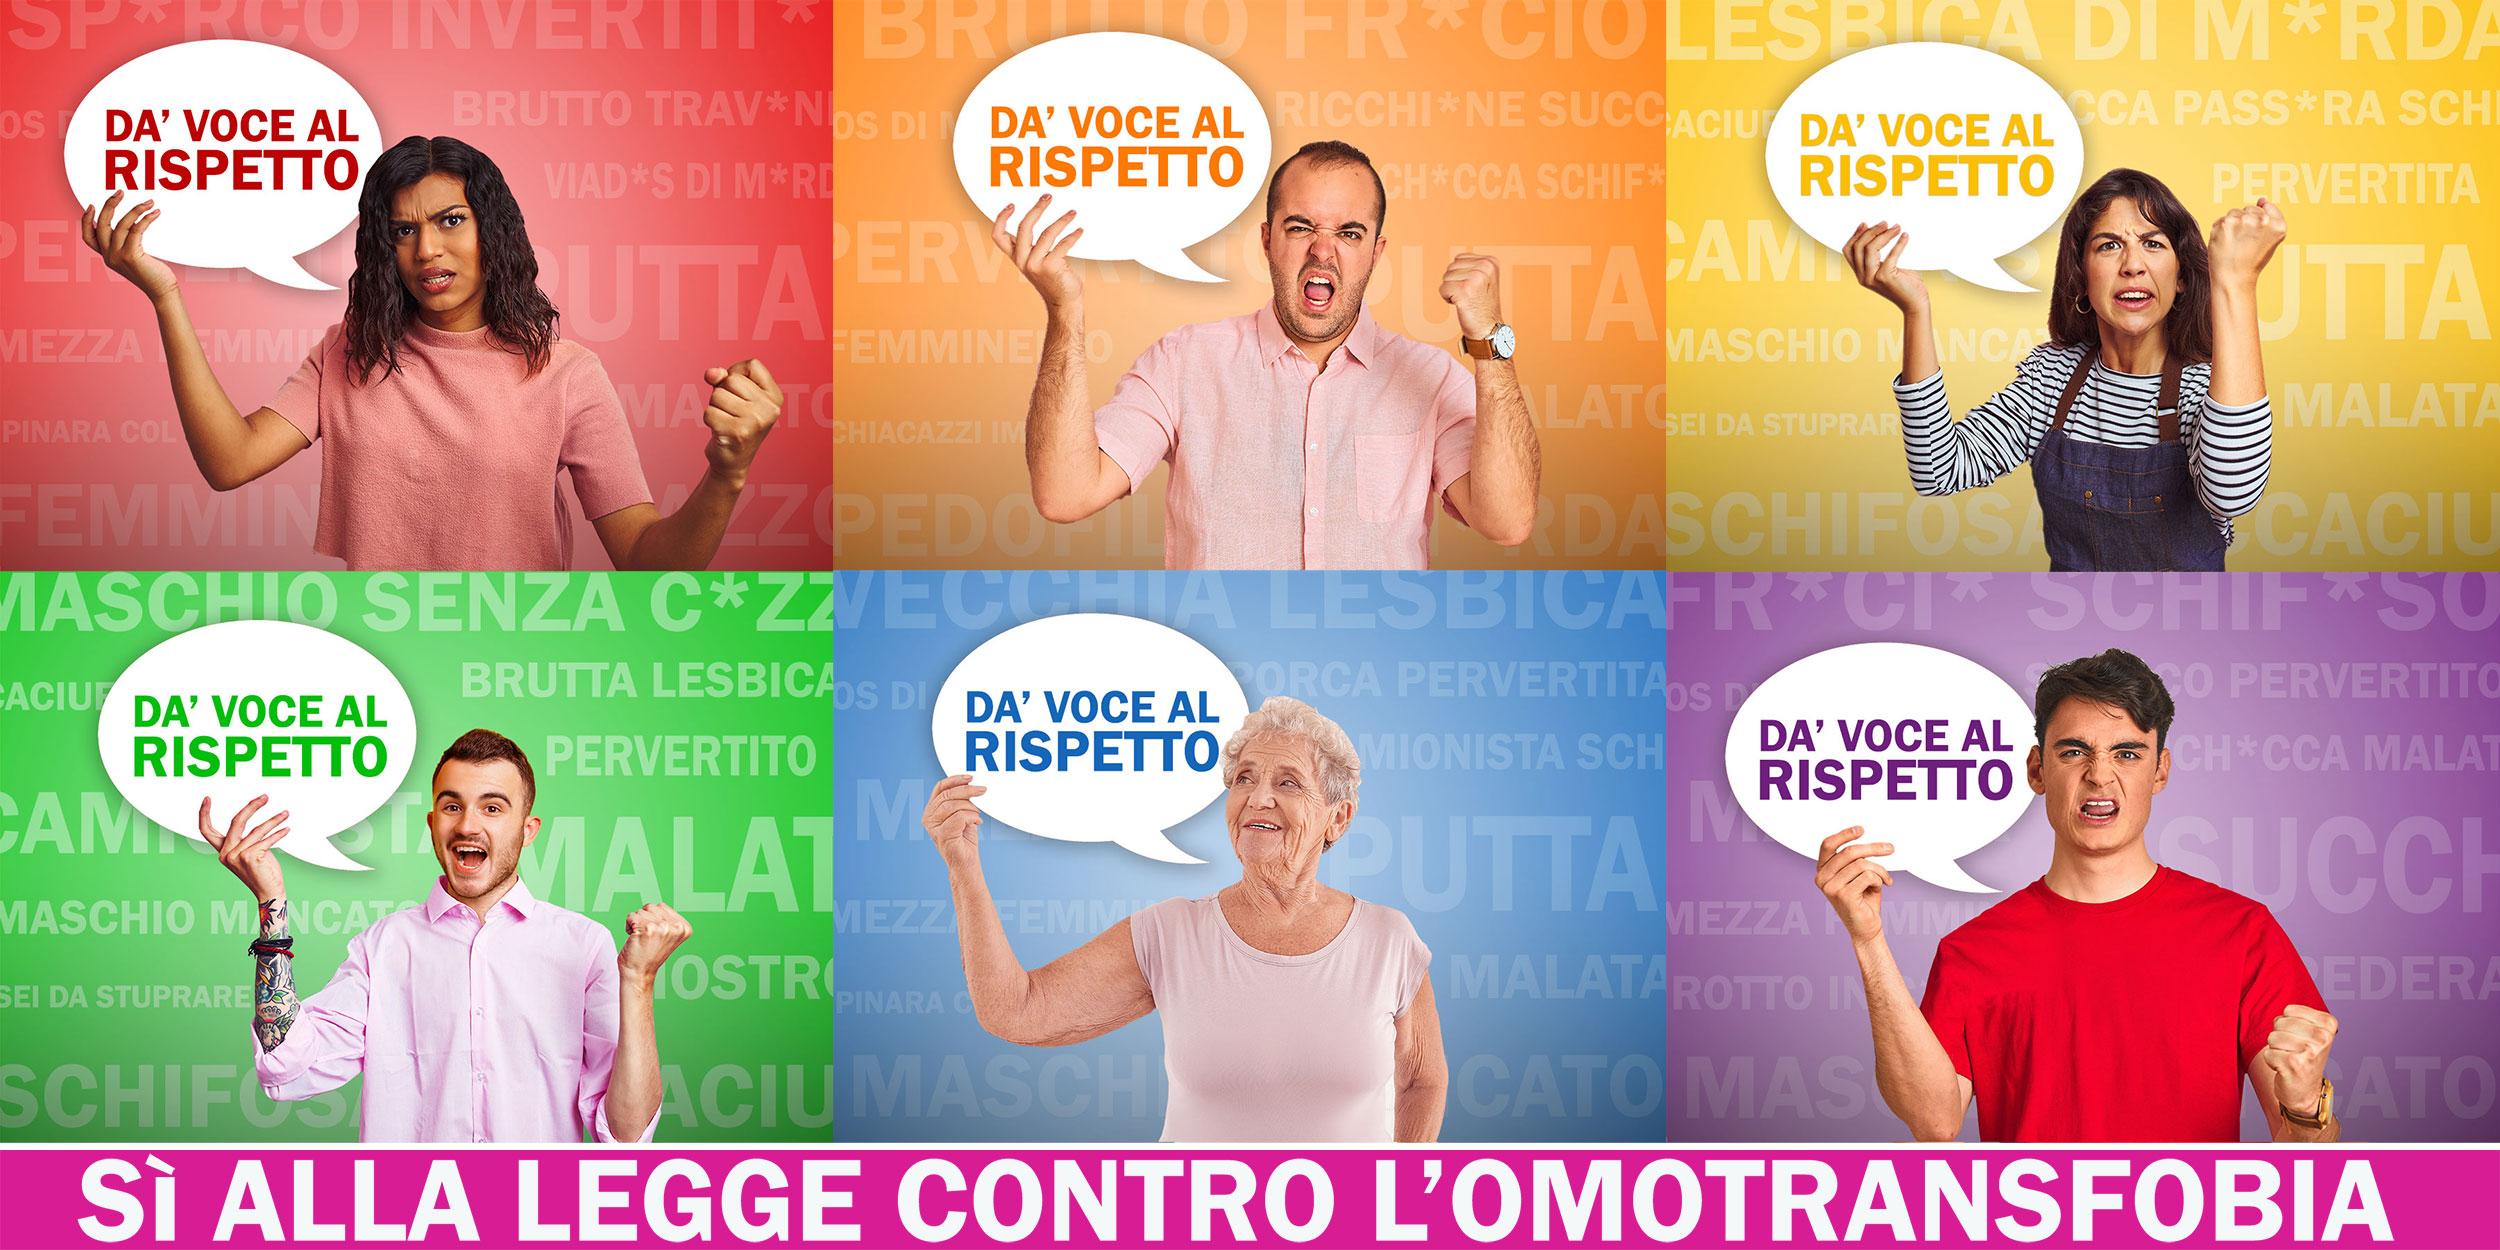 Da' voce al Rispetto - Sì alla legge contro l'Omotransfobia